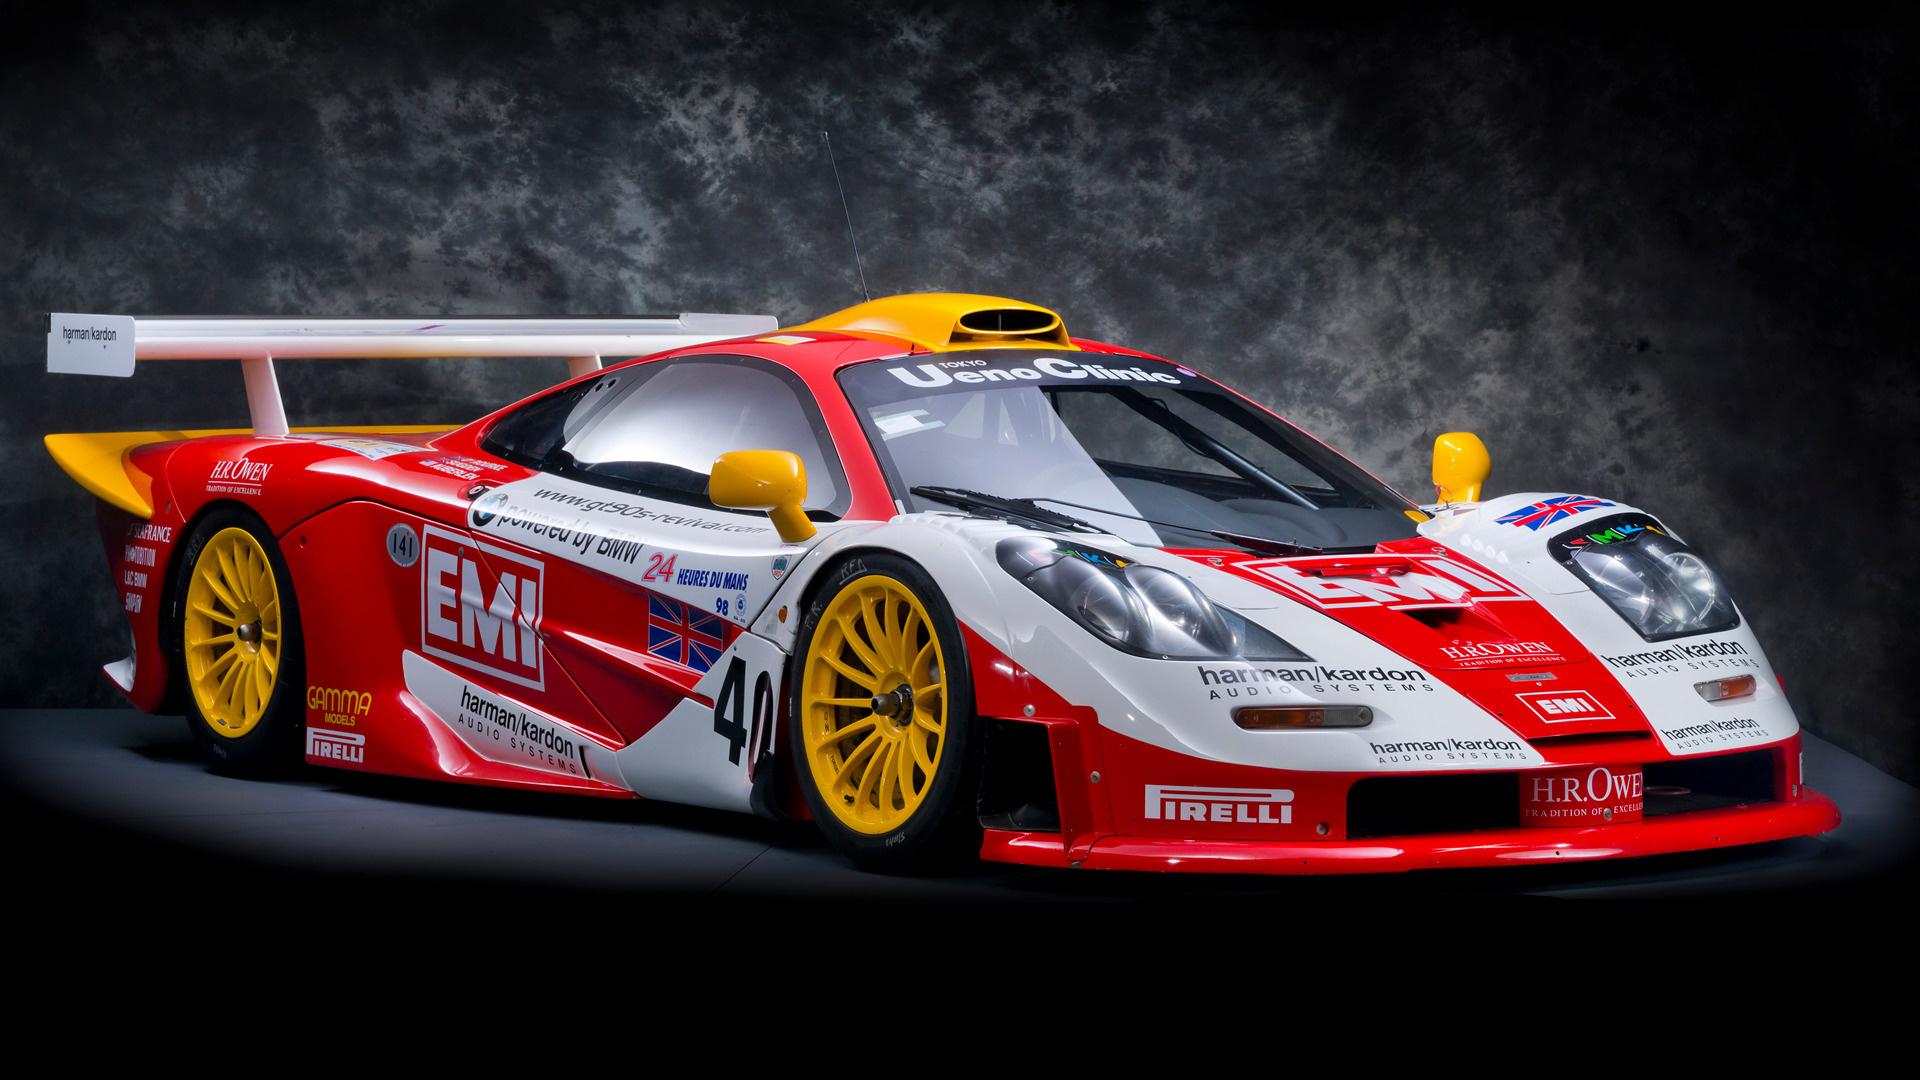 Wallpaper Mclaren F1 Gtr Longtail Hd Automotive Cars